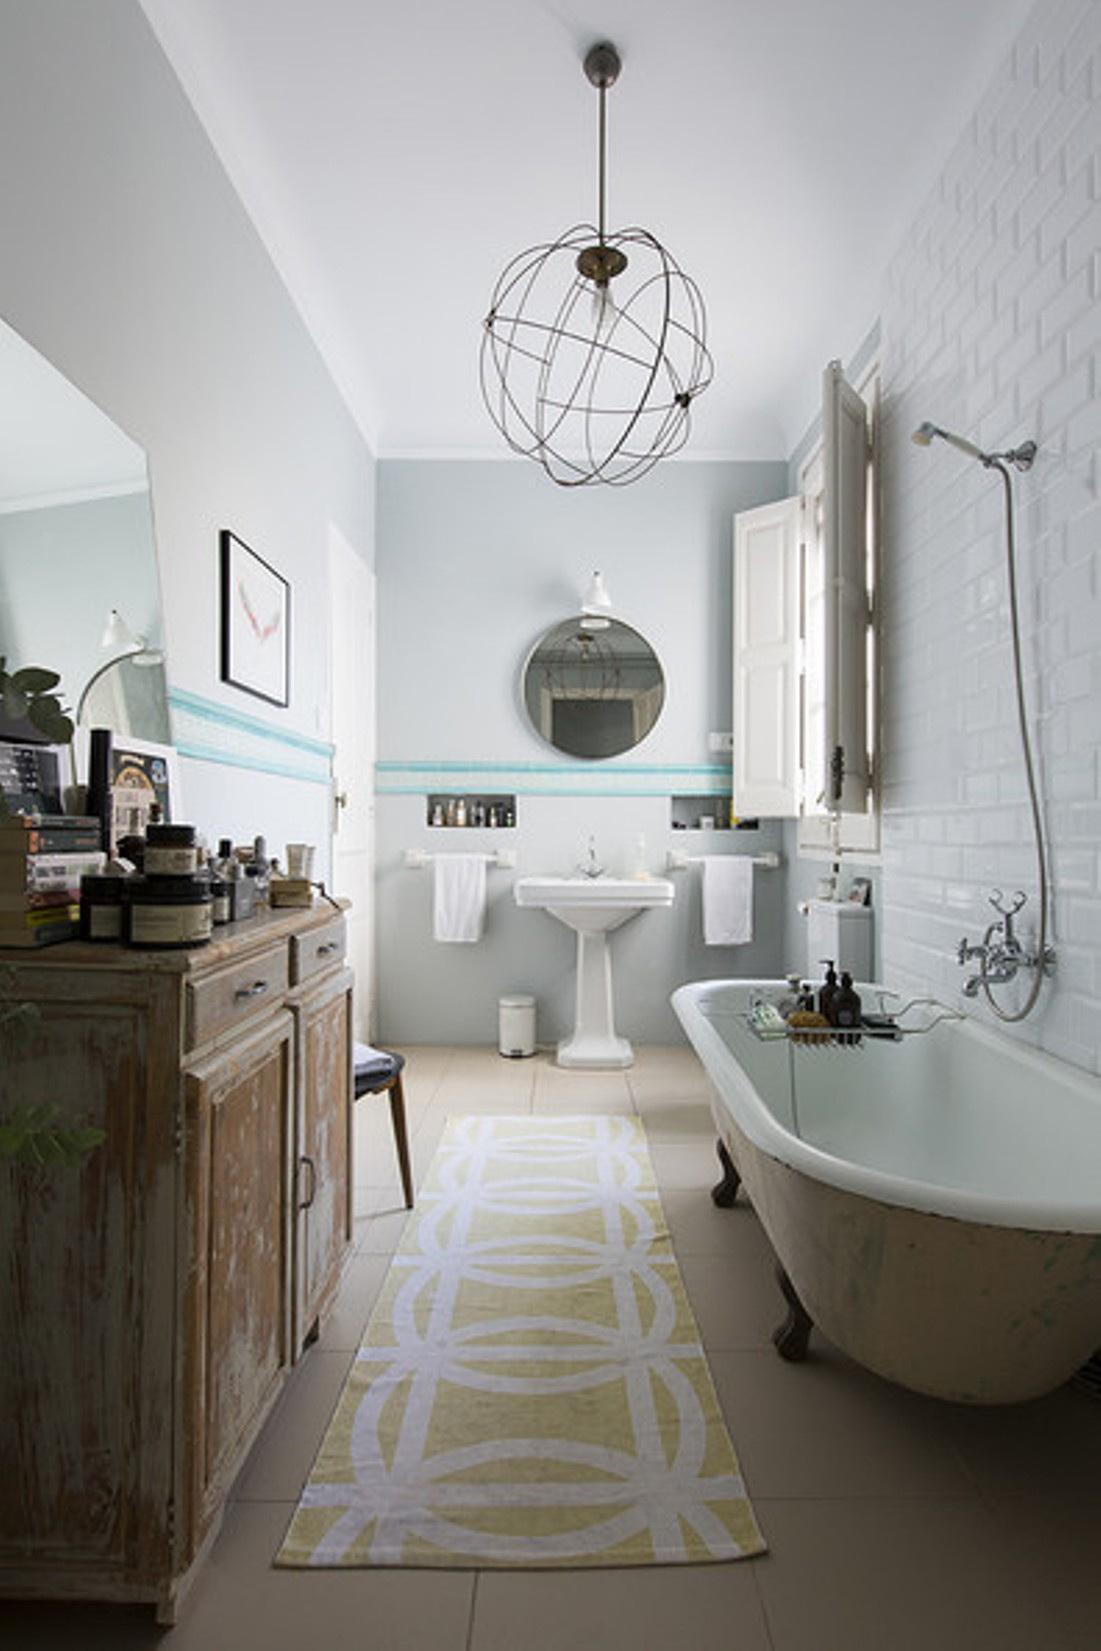 small-vintage-bathroom-ideas (26)